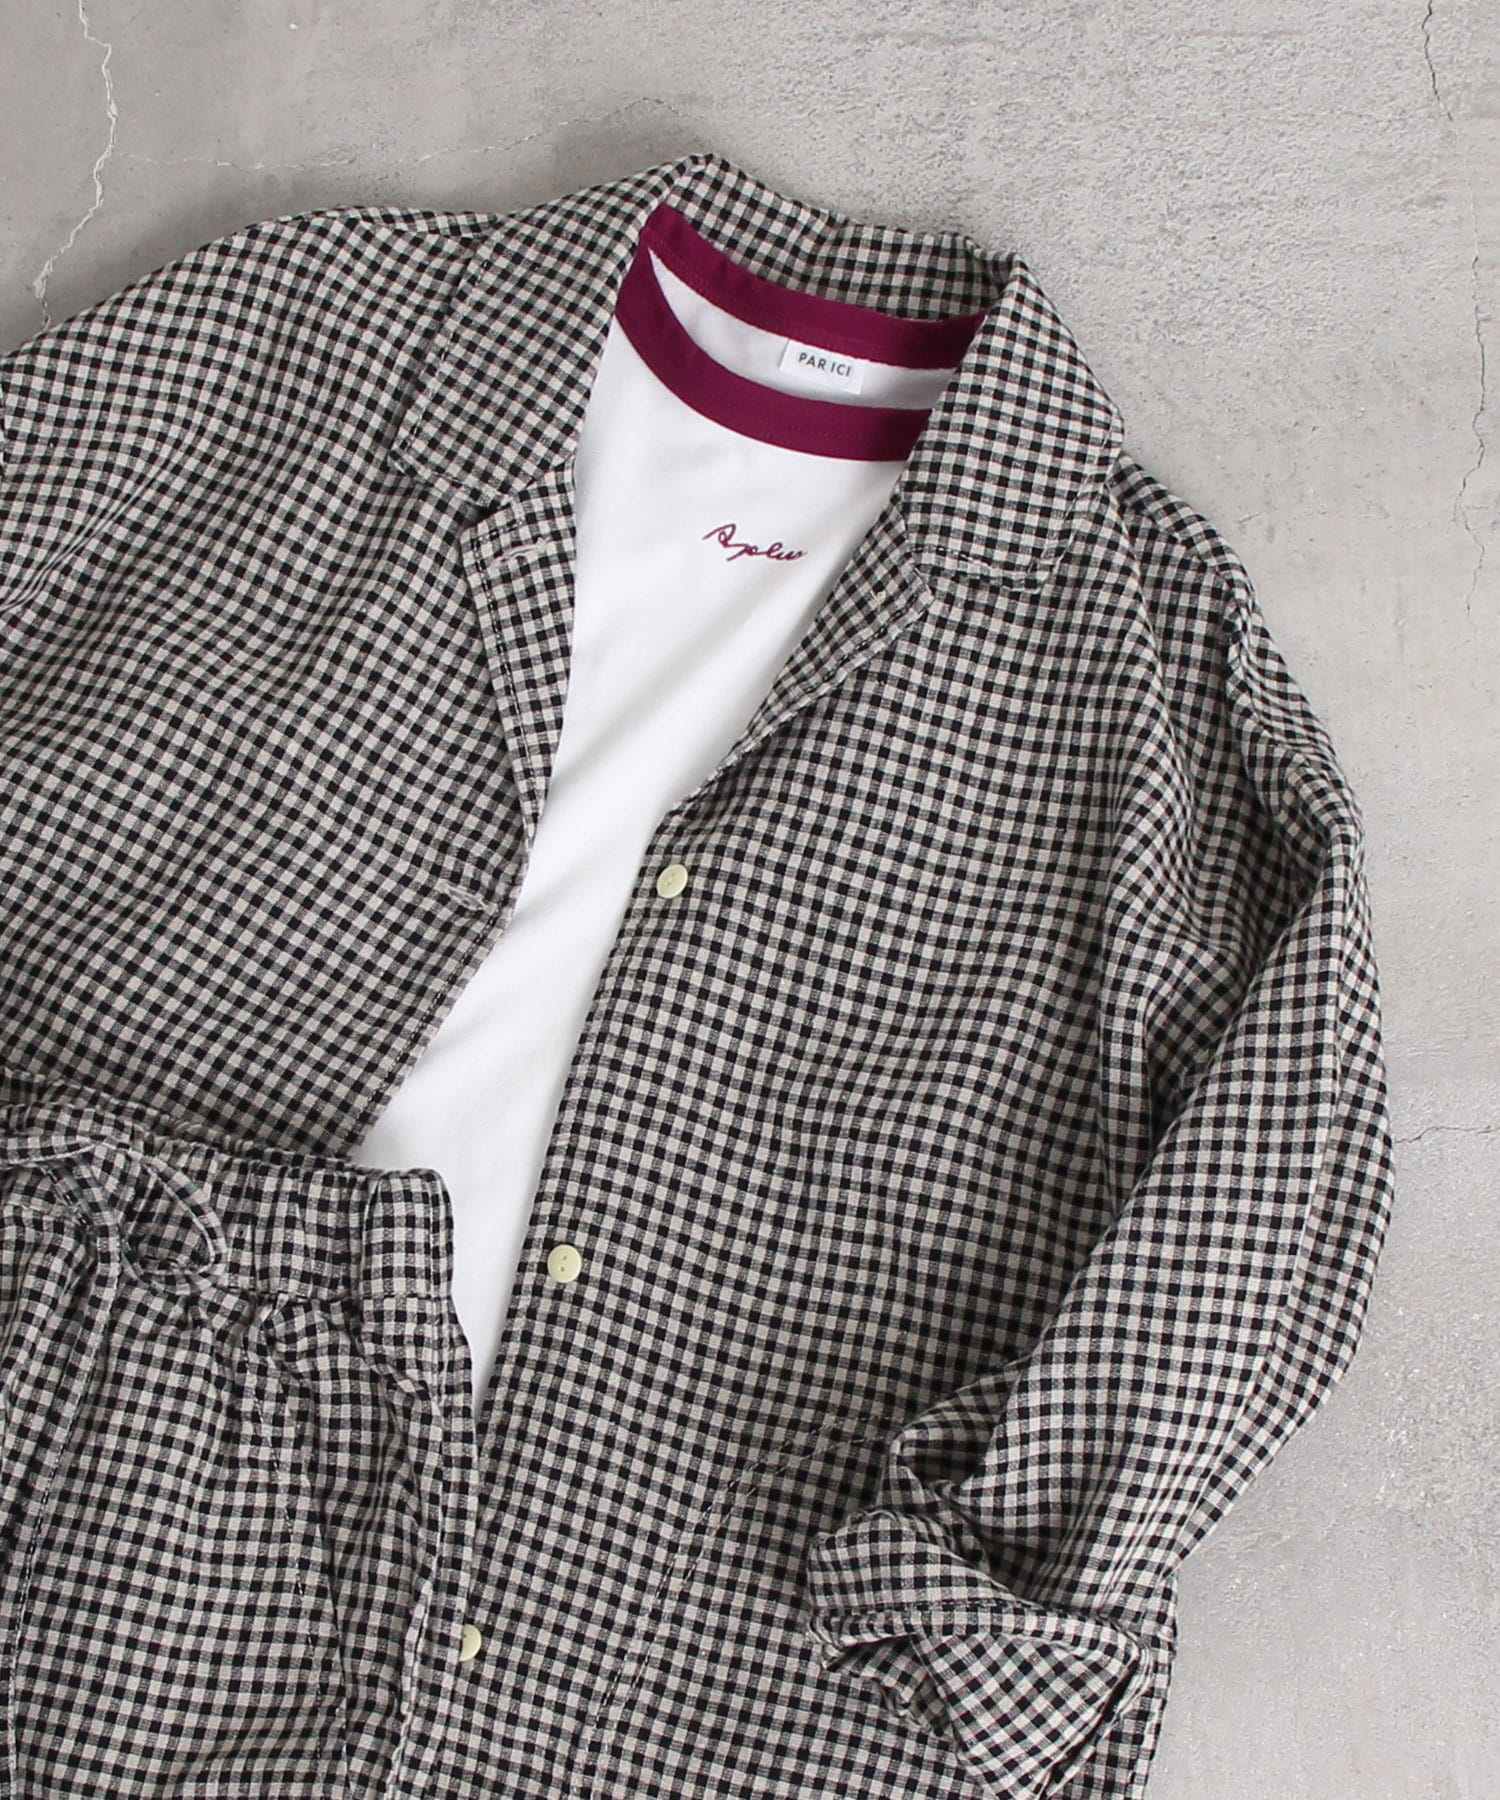 ○シルクネップギンガム シャツジャケット (セットアップ対応)